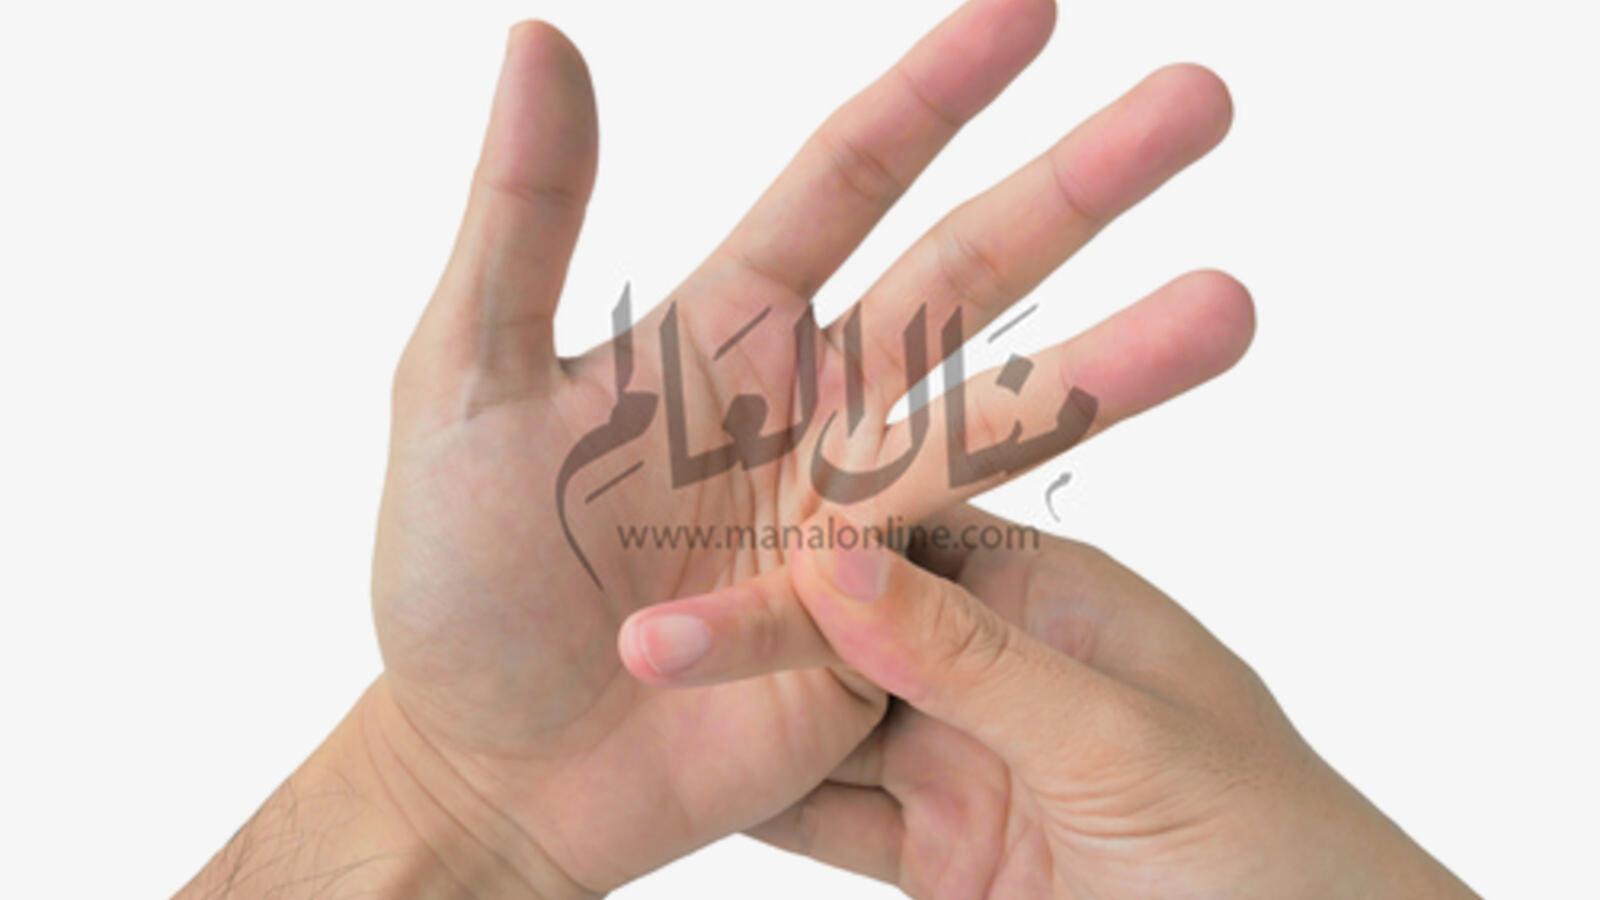 أضرار عادة فرقعة الأصابع - المشاهدات : 1.6K